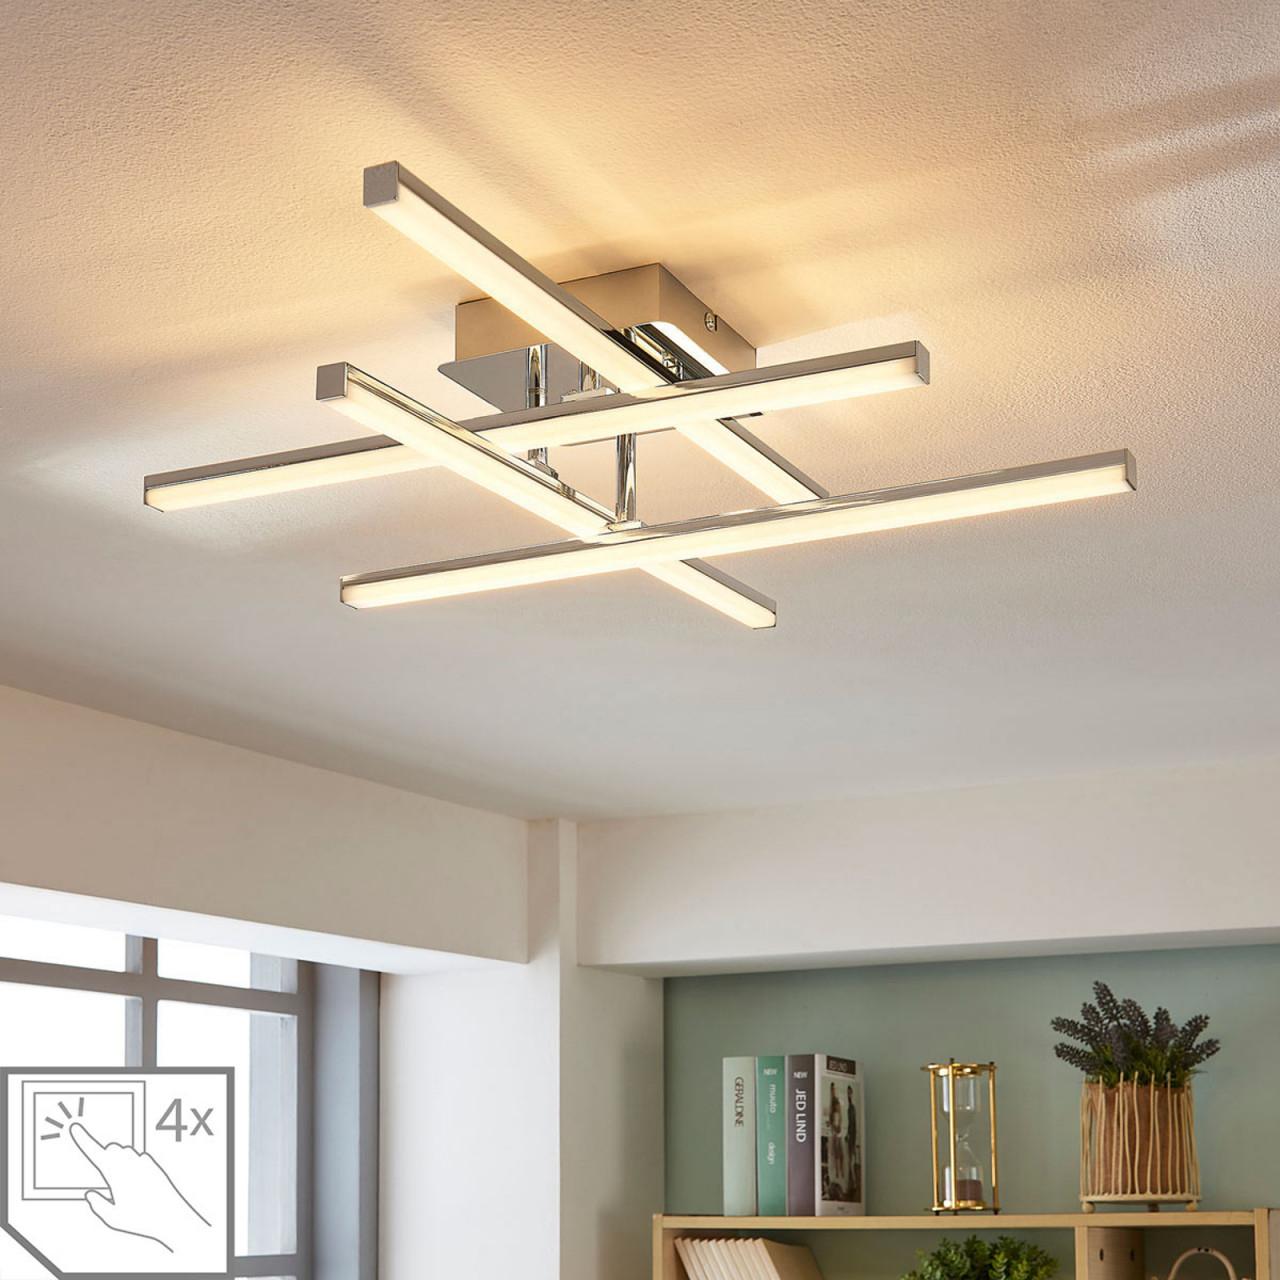 Möbel  Wohnaccessoires Küche Haushalt  Wohnen Für von Wohnzimmer Deckenleuchte Led Dimmbar Bild